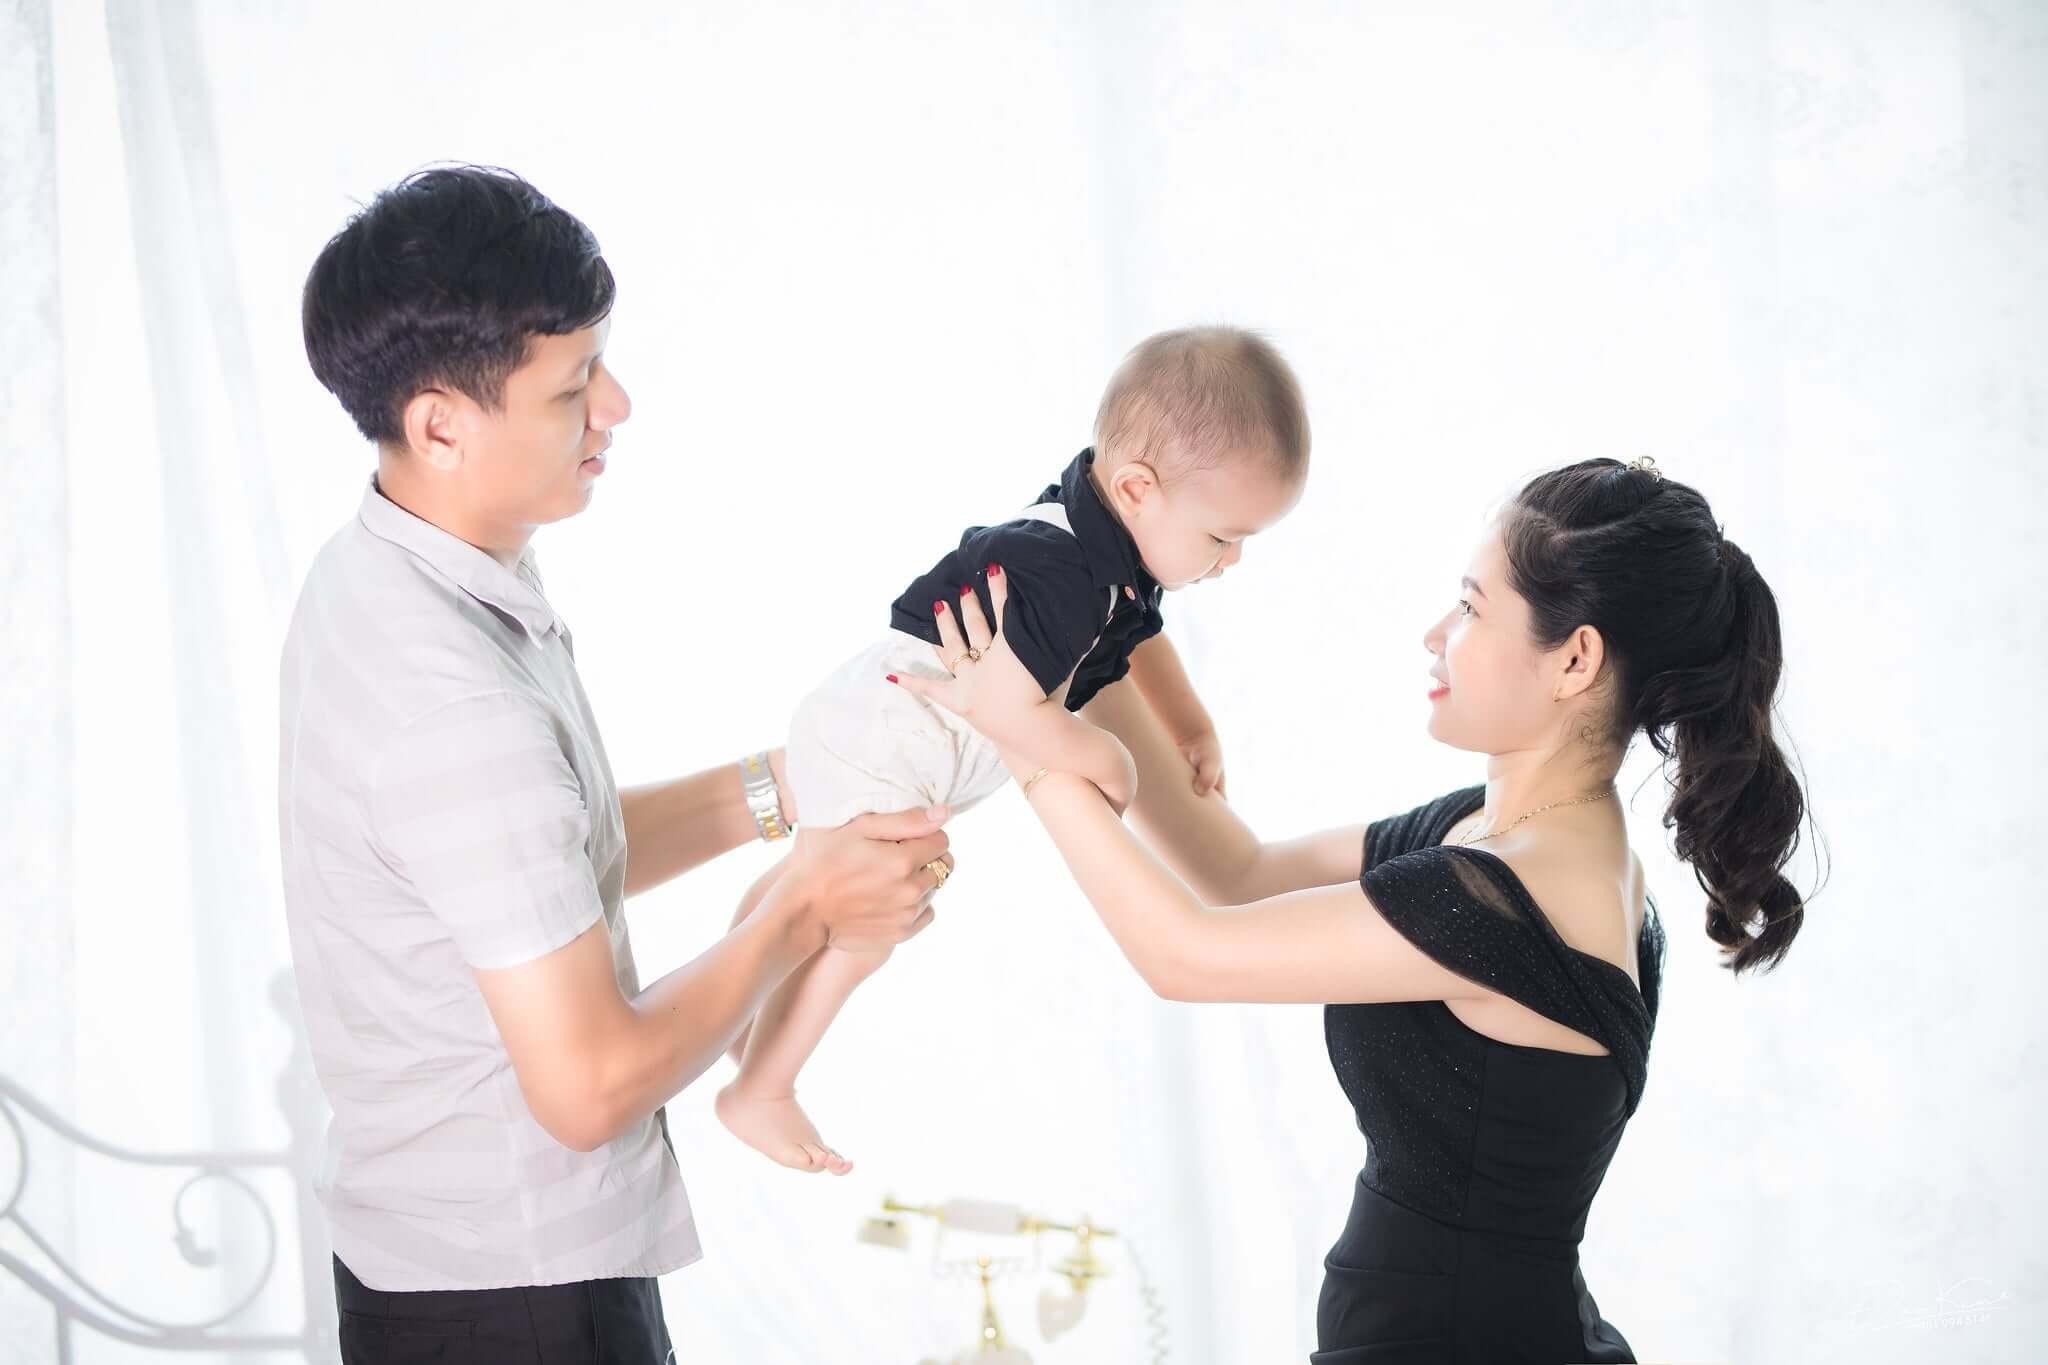 Cách tạo dáng chụp ảnh gia đình 3 người